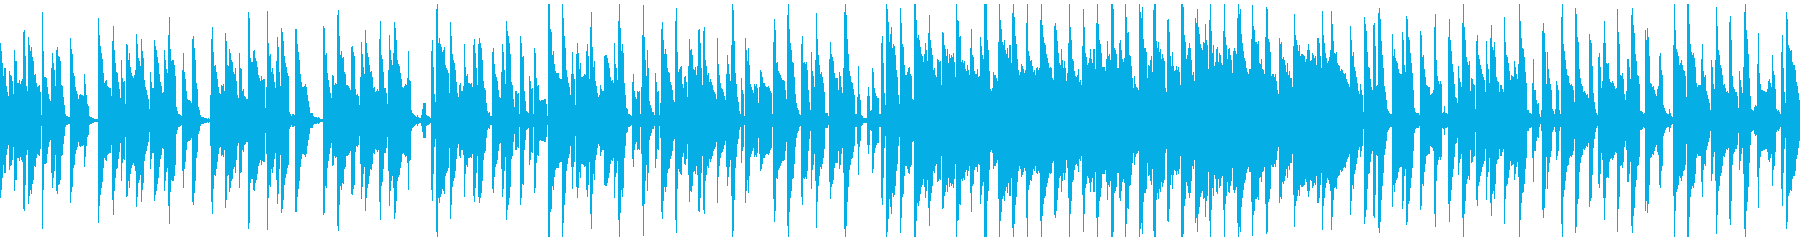 脱力系ほのぼのリコーダー ※ループ仕様版の再生済みの波形